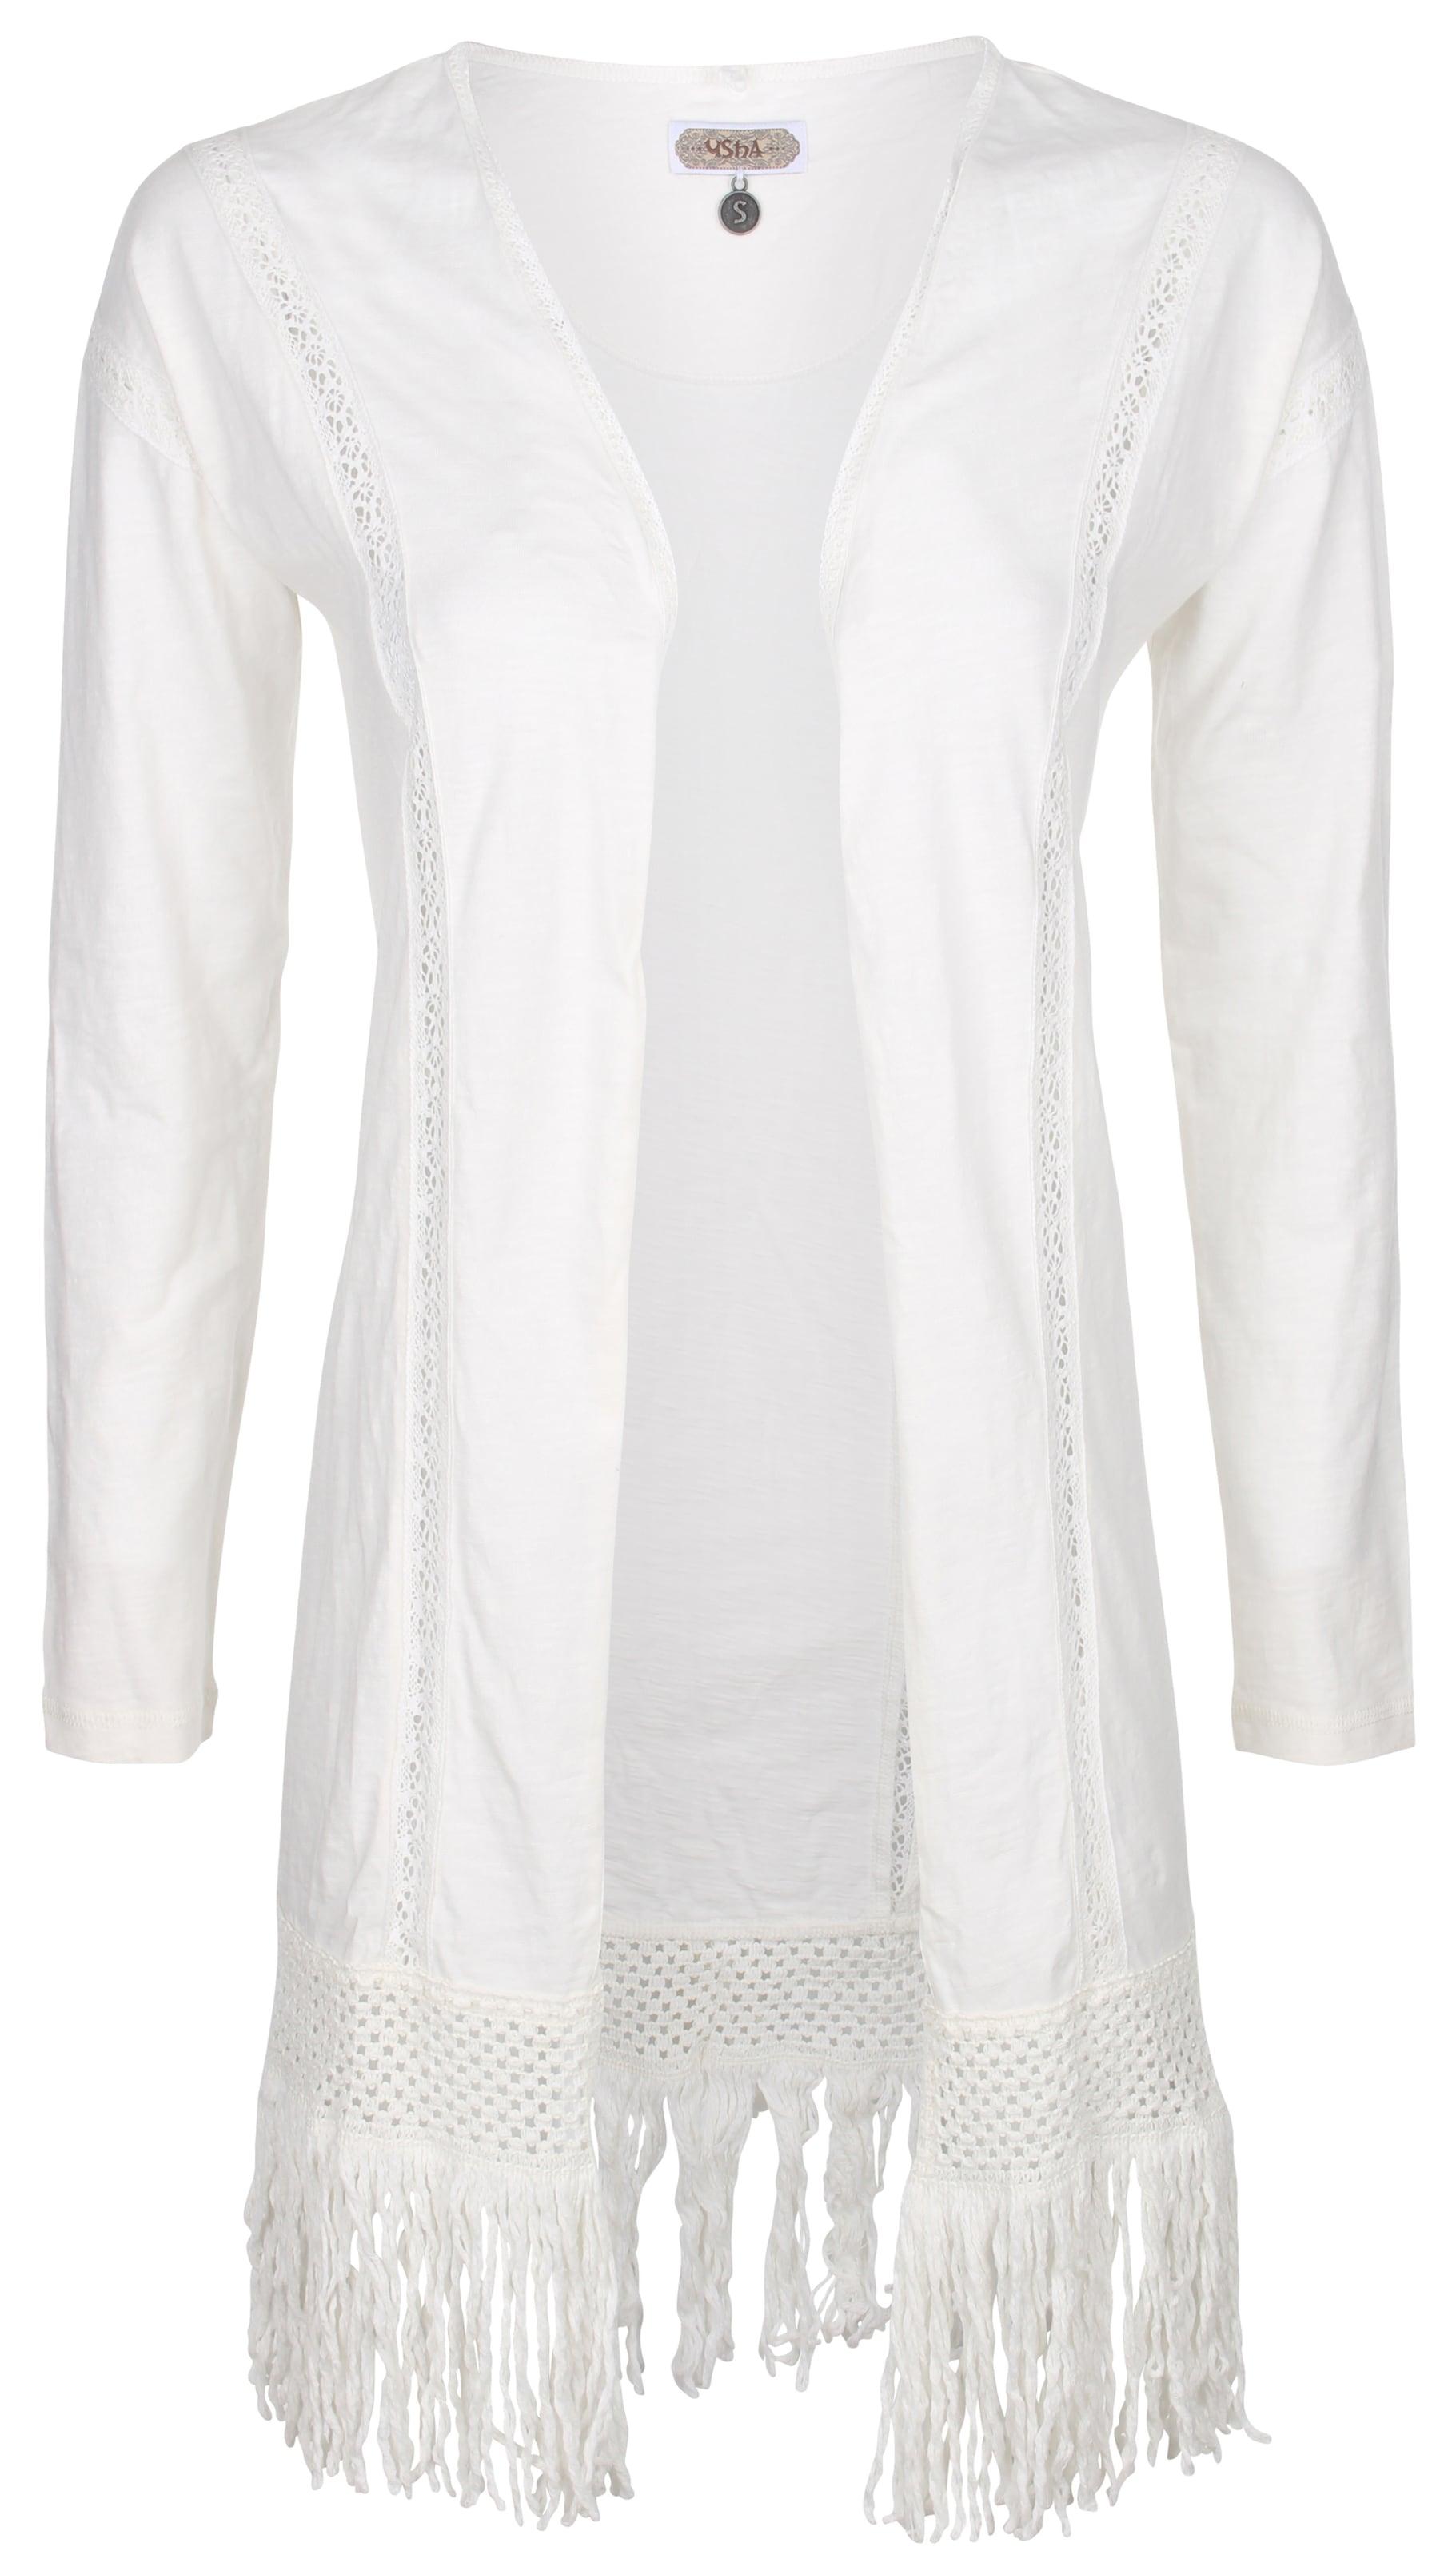 Cardigan En Usha Blanc Cardigan Cardigan Usha Usha Blanc Cardigan Blanc En Usha En cTlK1FJ3